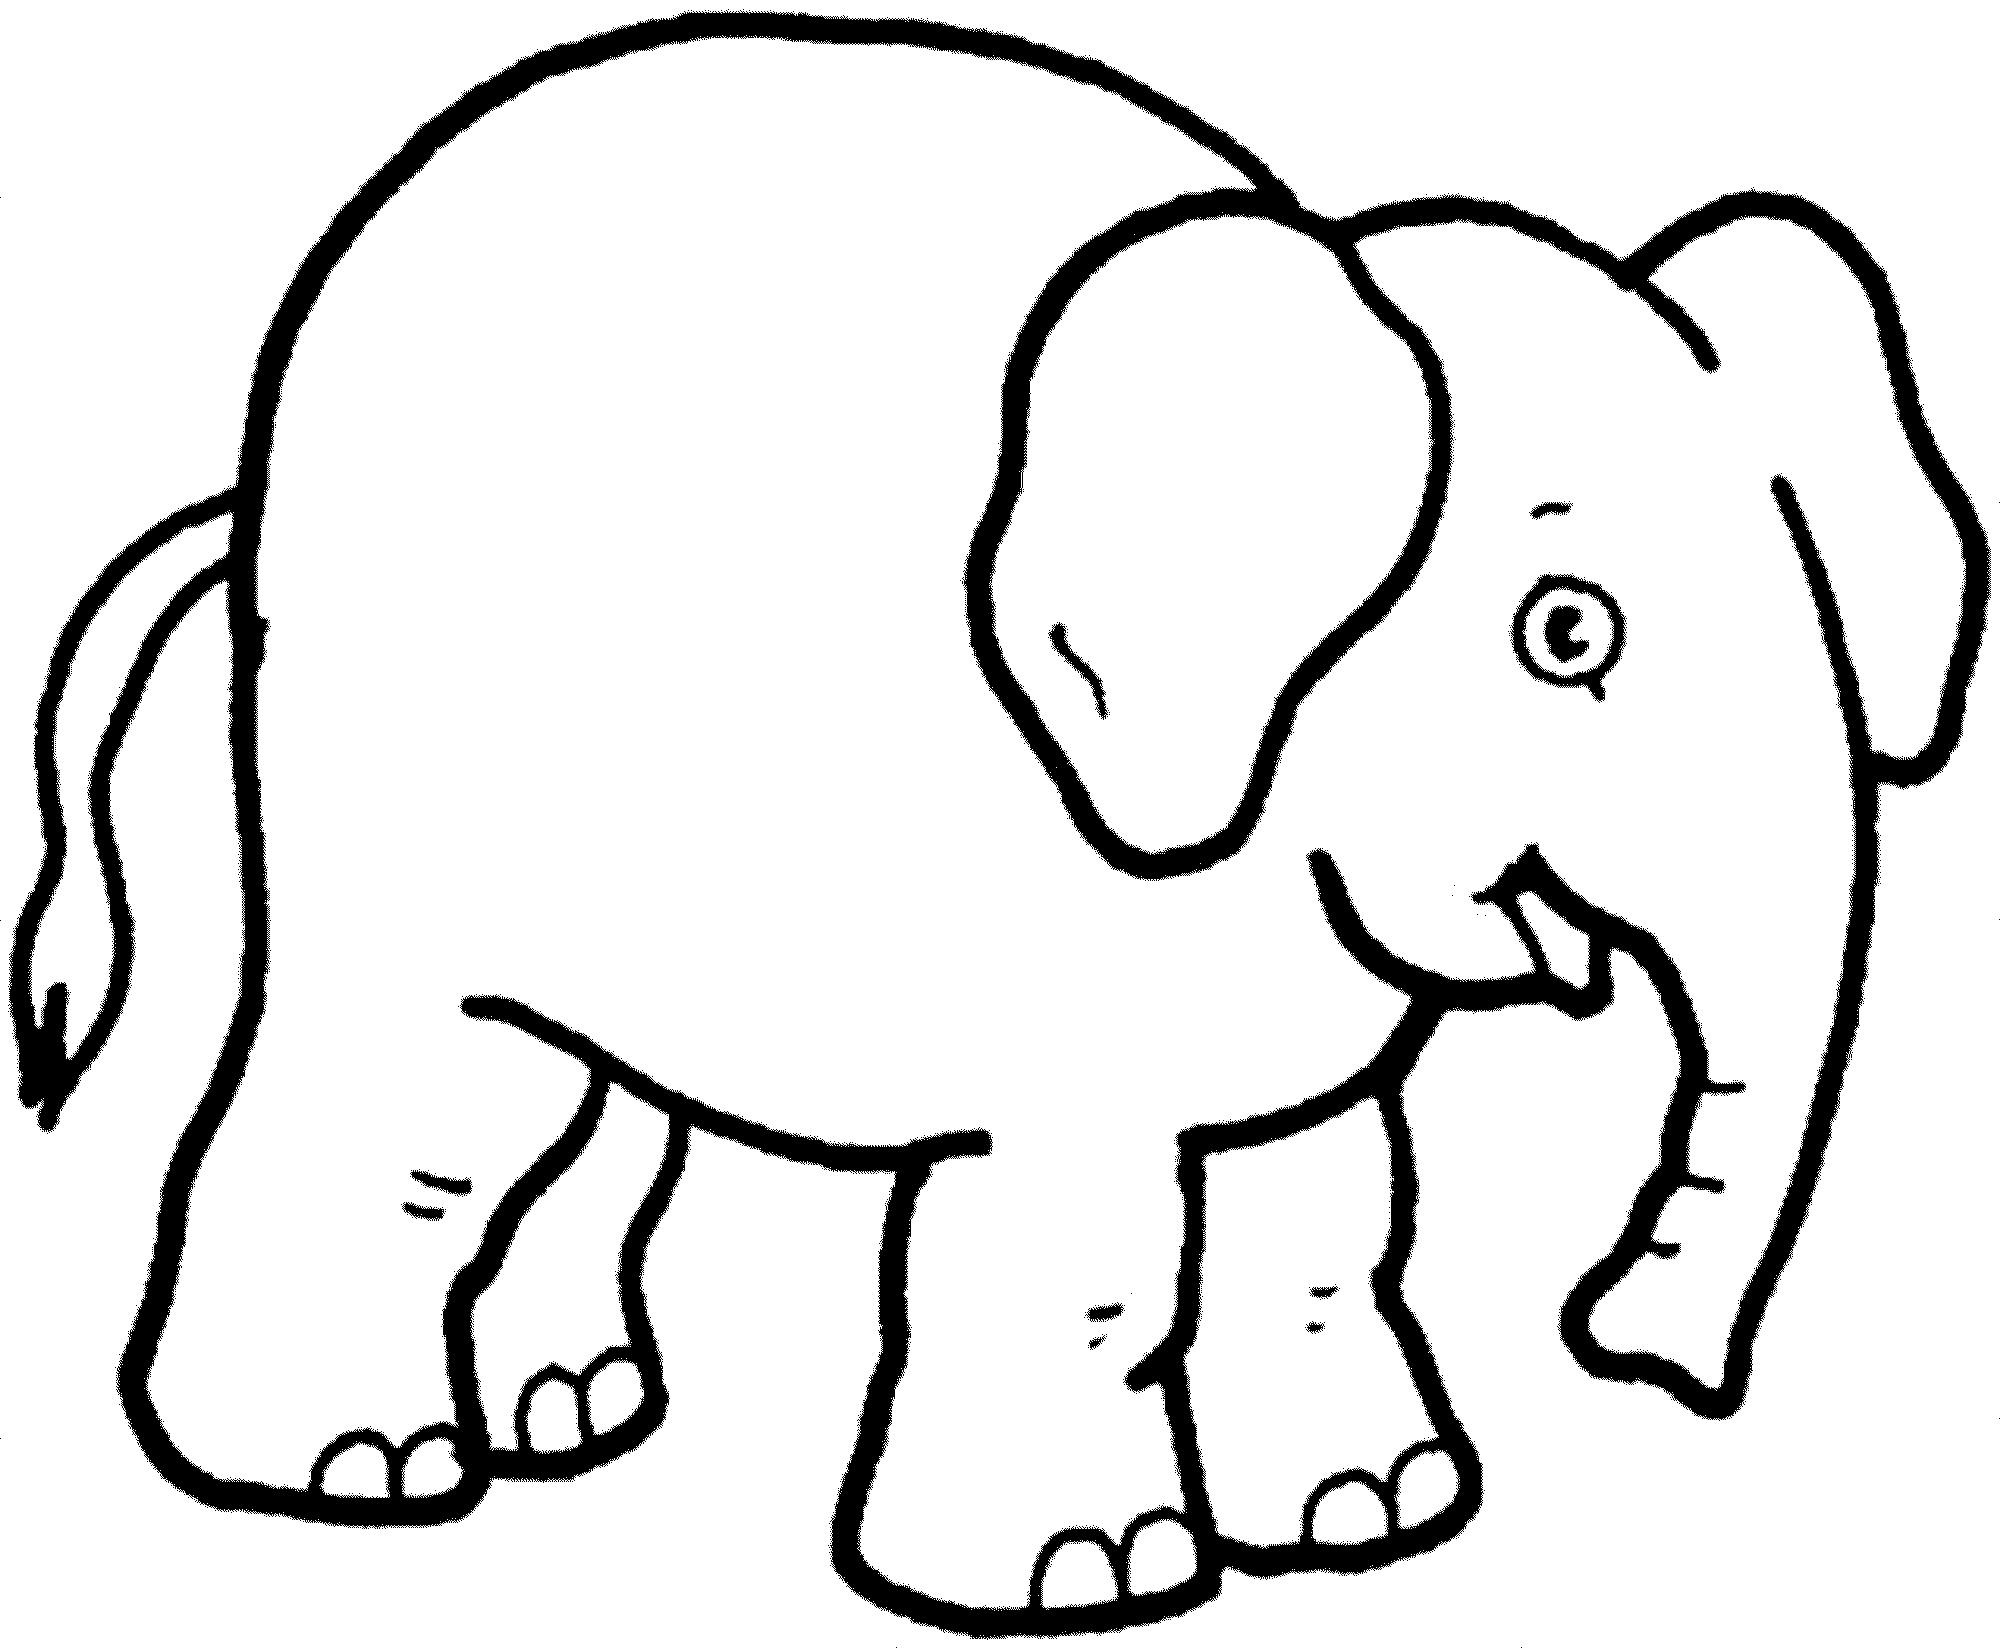 elephant images for colouring elephant coloring pages coloring pages to print images for colouring elephant